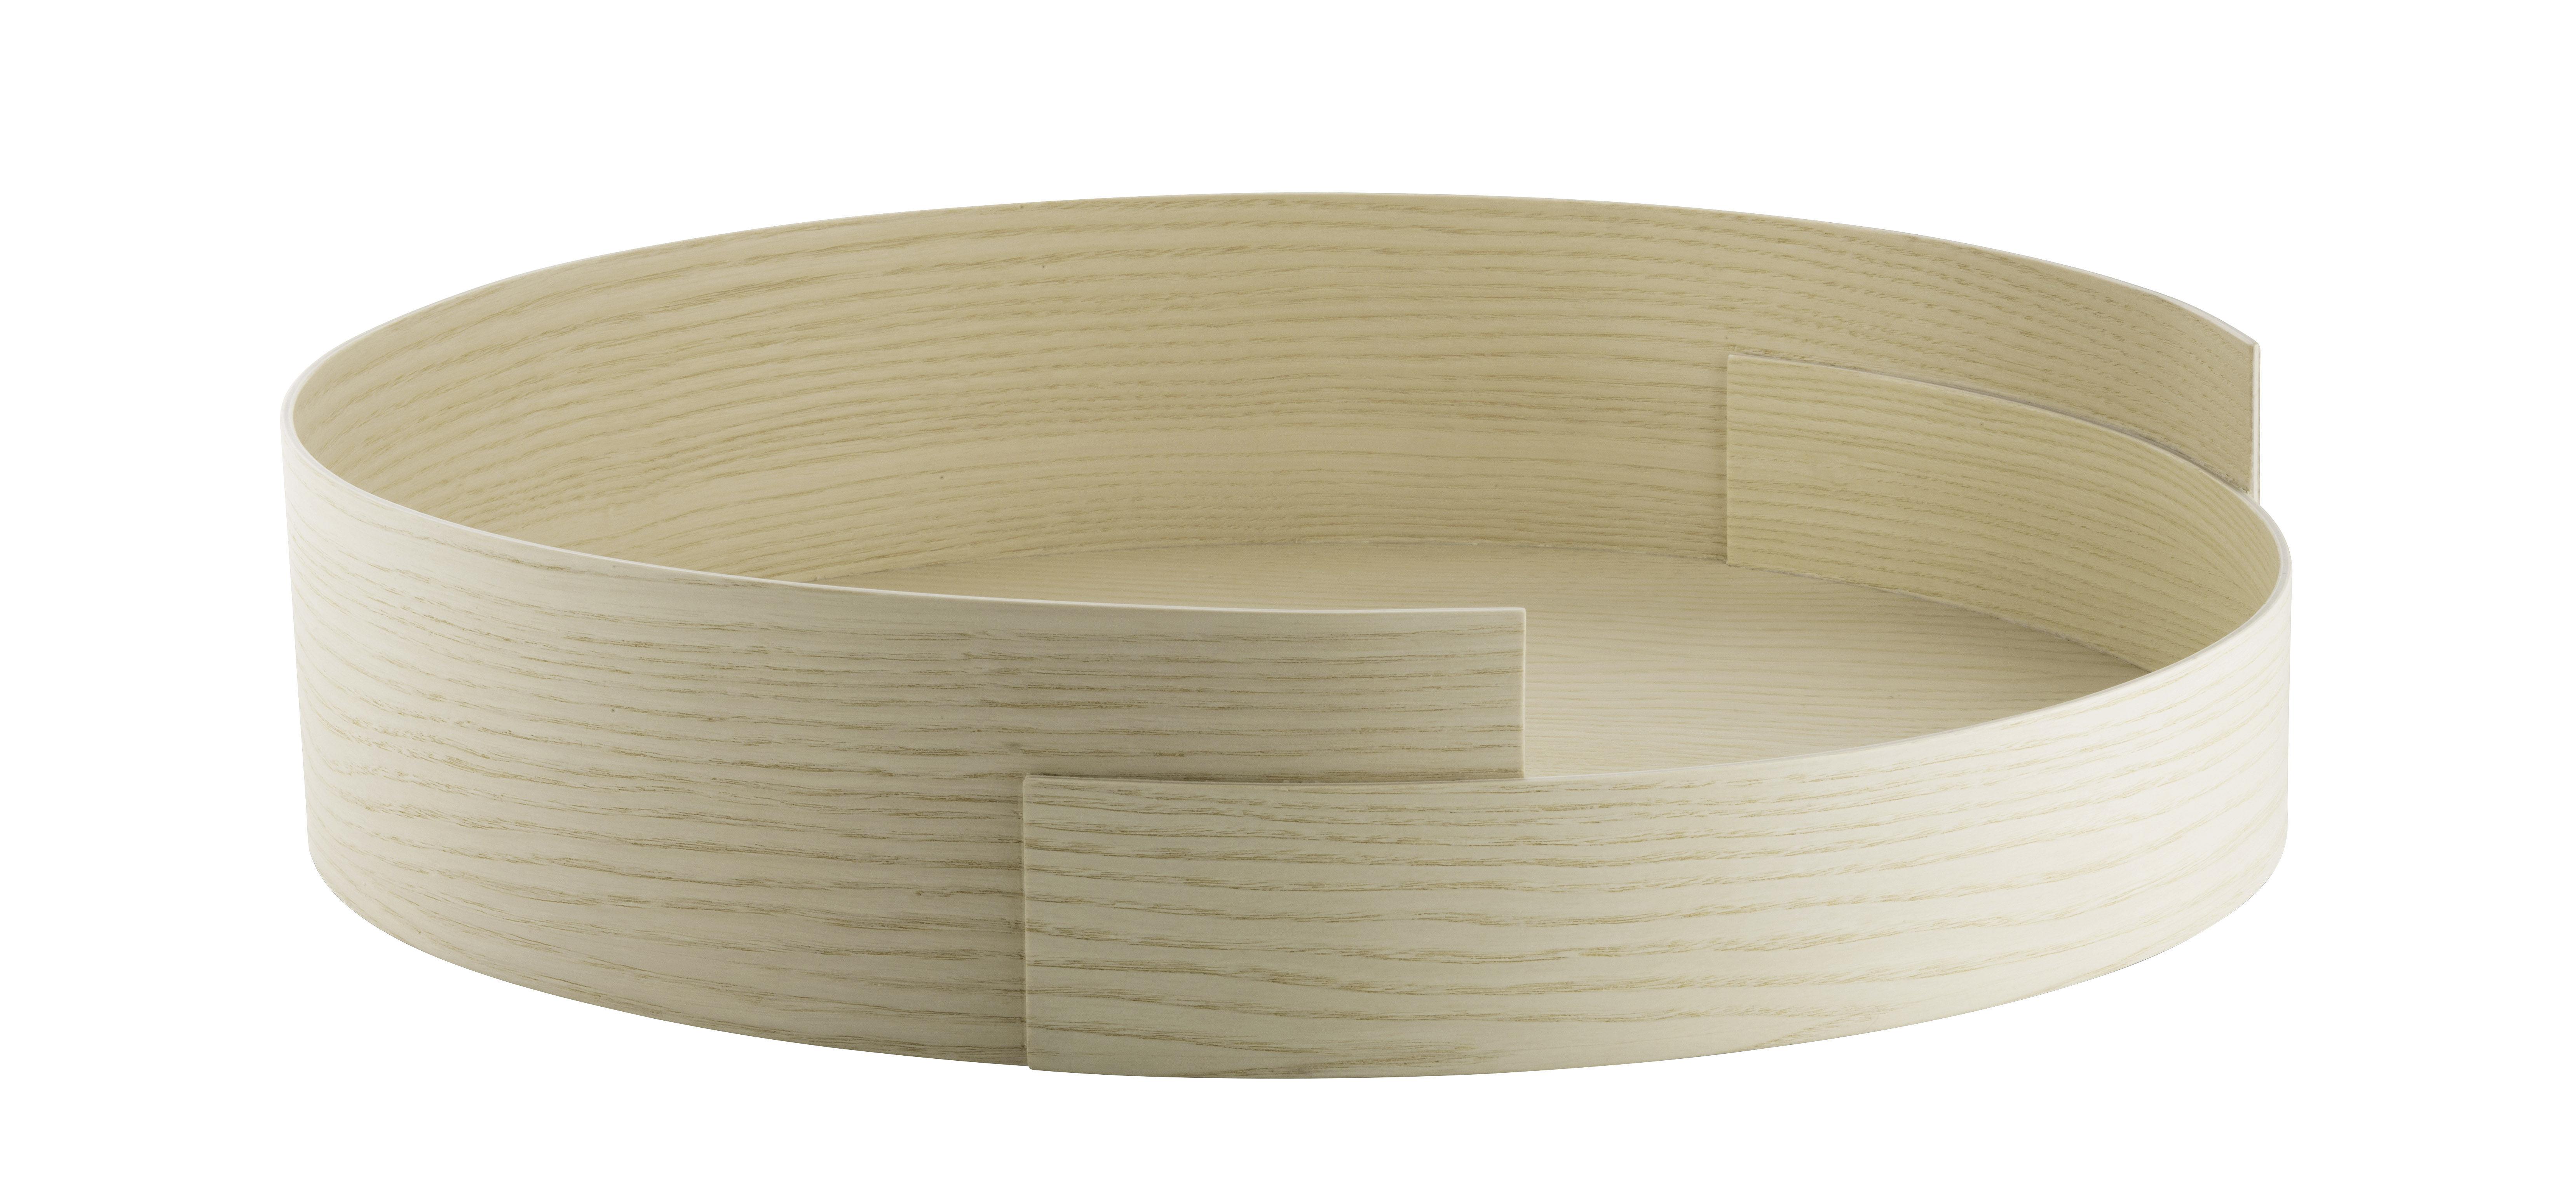 Arts de la table - Plateaux - Plateau #5 / Ø 42 x H 9 cm - Frêne - Fritz Hansen - Ø 42 / Frêne - Placage de frêne